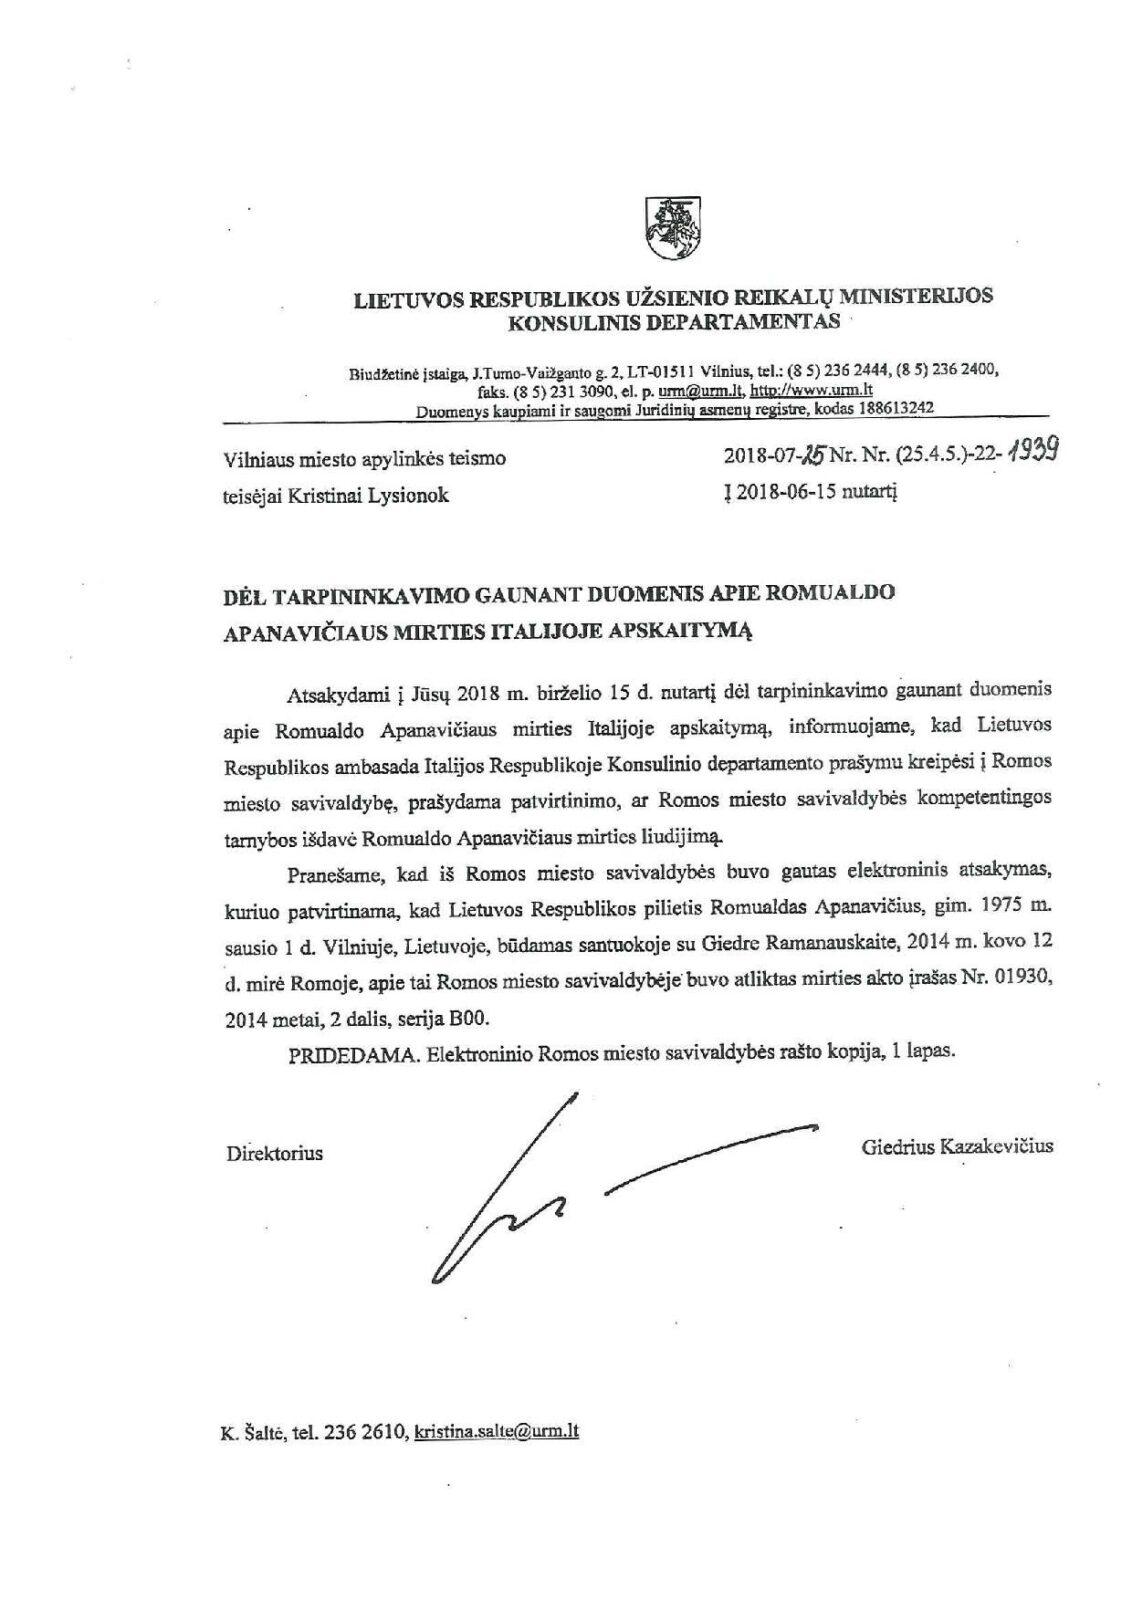 Komunistas, komjaunuolis Linas Linkevičius ir co. (URM) nesigėdija klastotes teikti netgi teismui